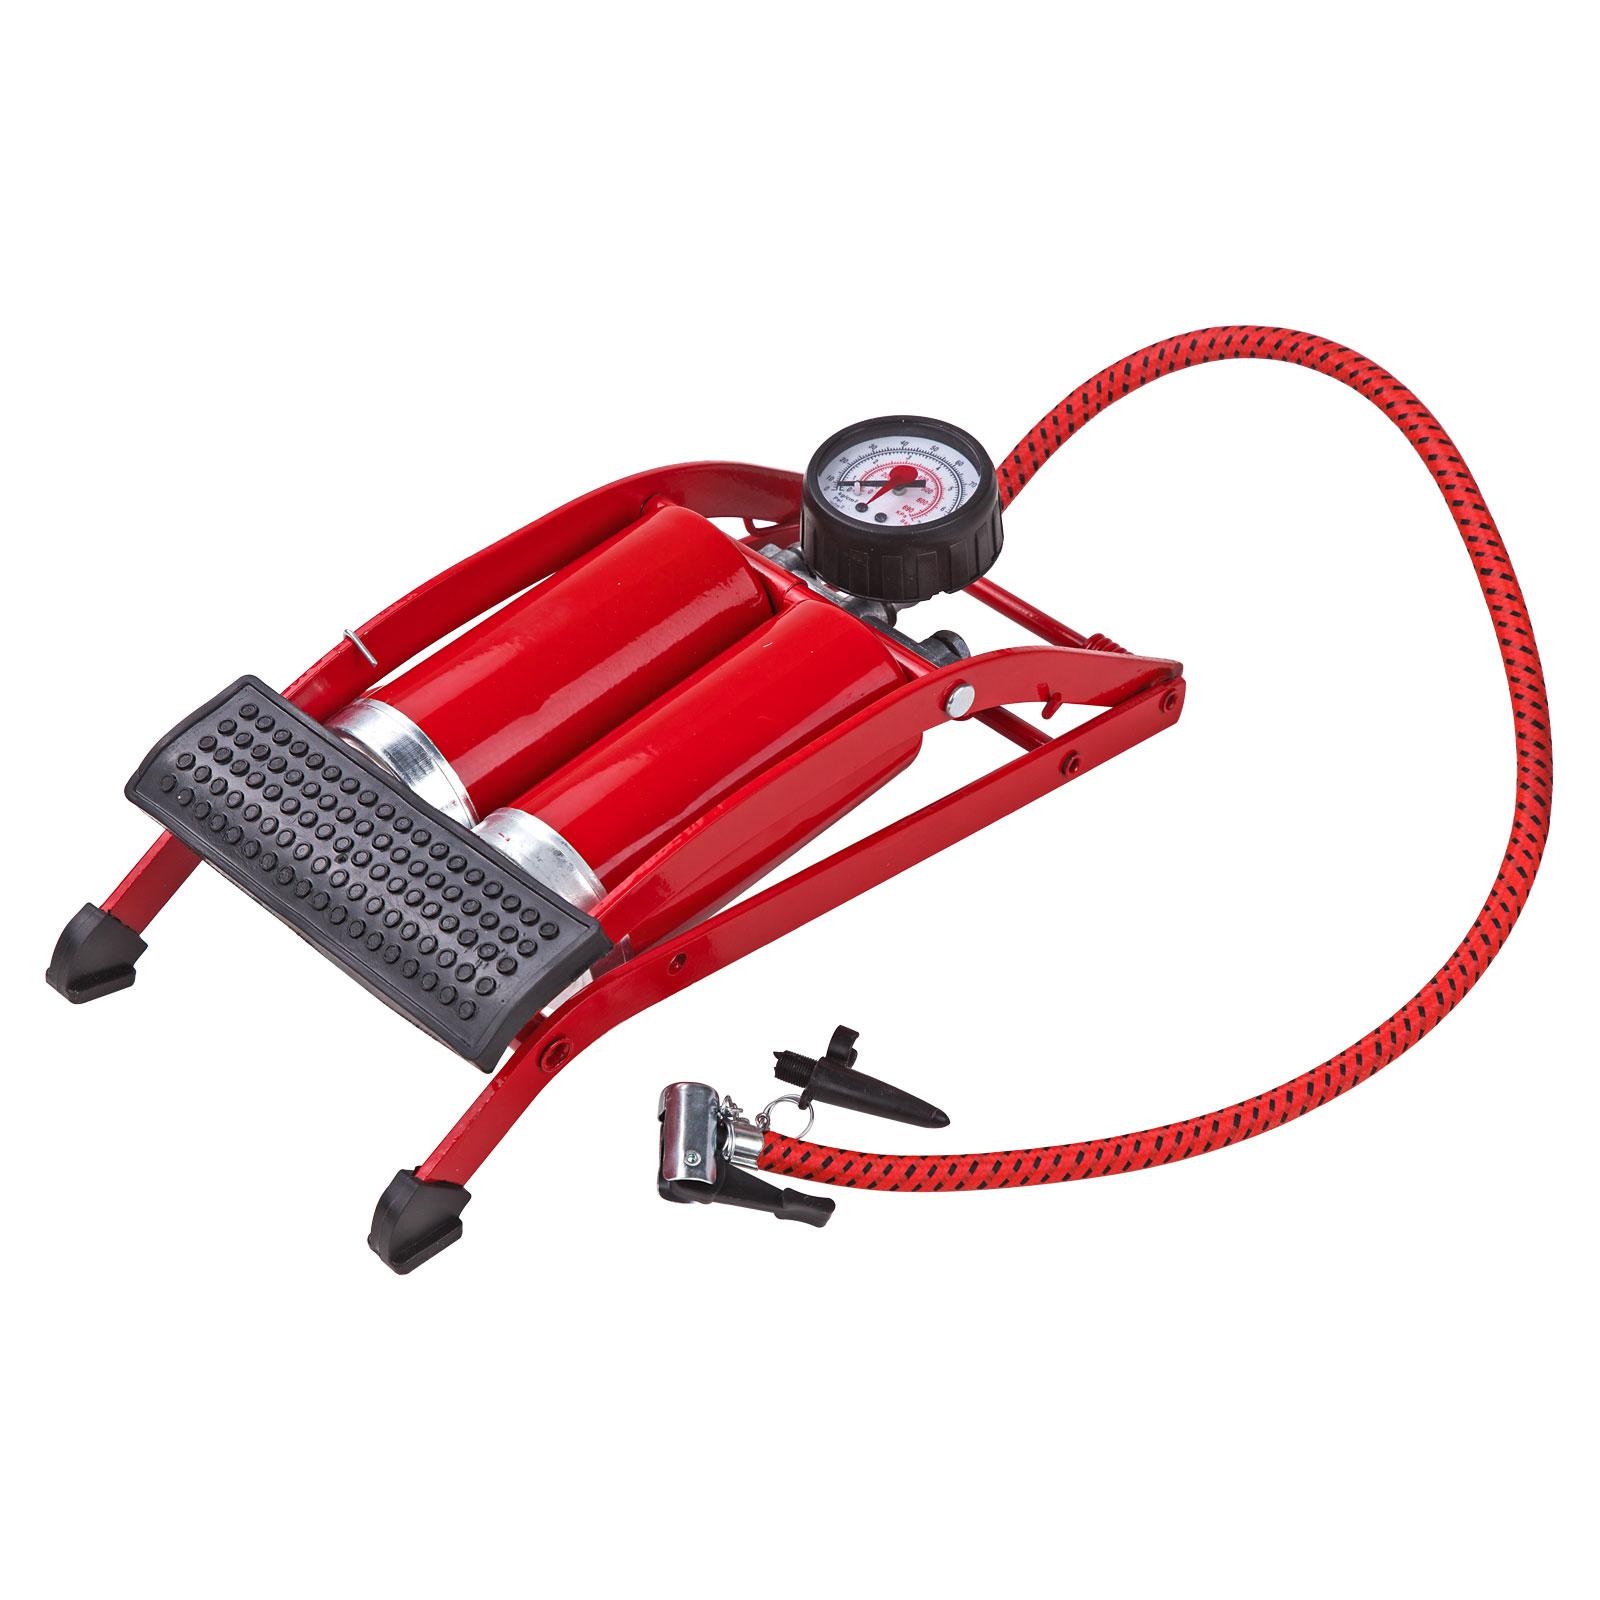 Dema Standluftpumpe Luftpumpe Tretluftpumpe mit Doppelzylinder 20543